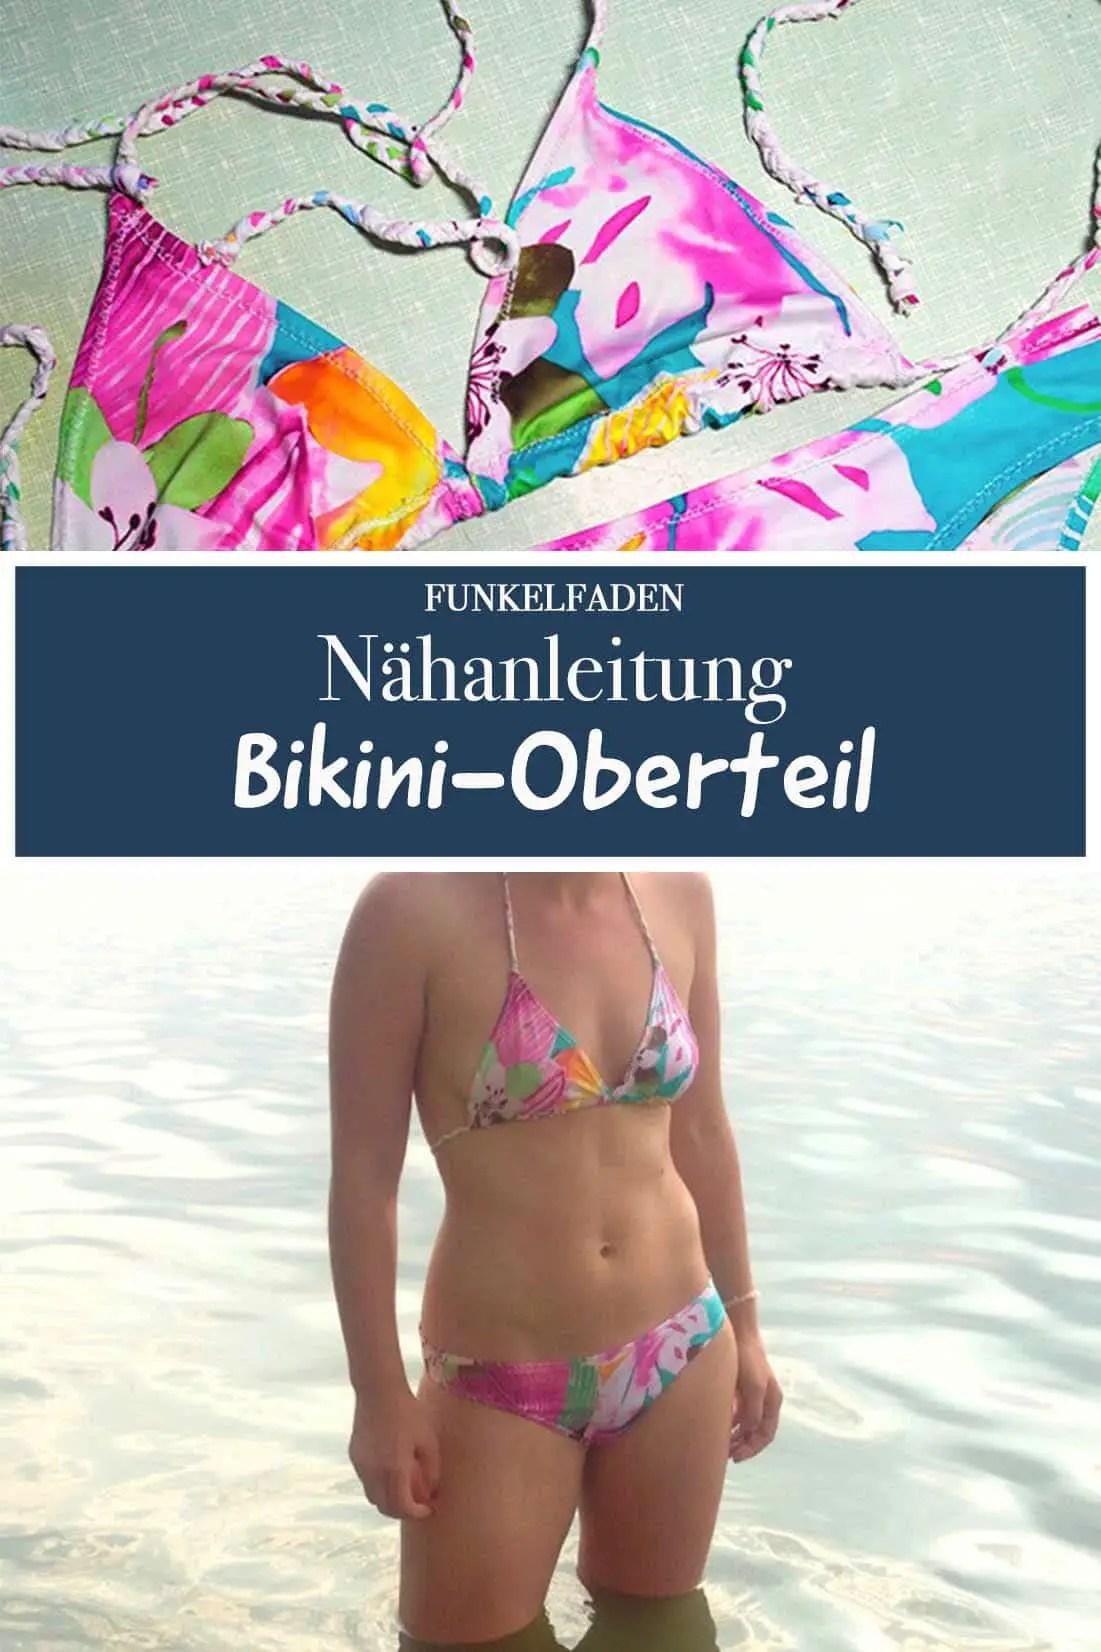 Nähanleitung Bikini-Oberteil